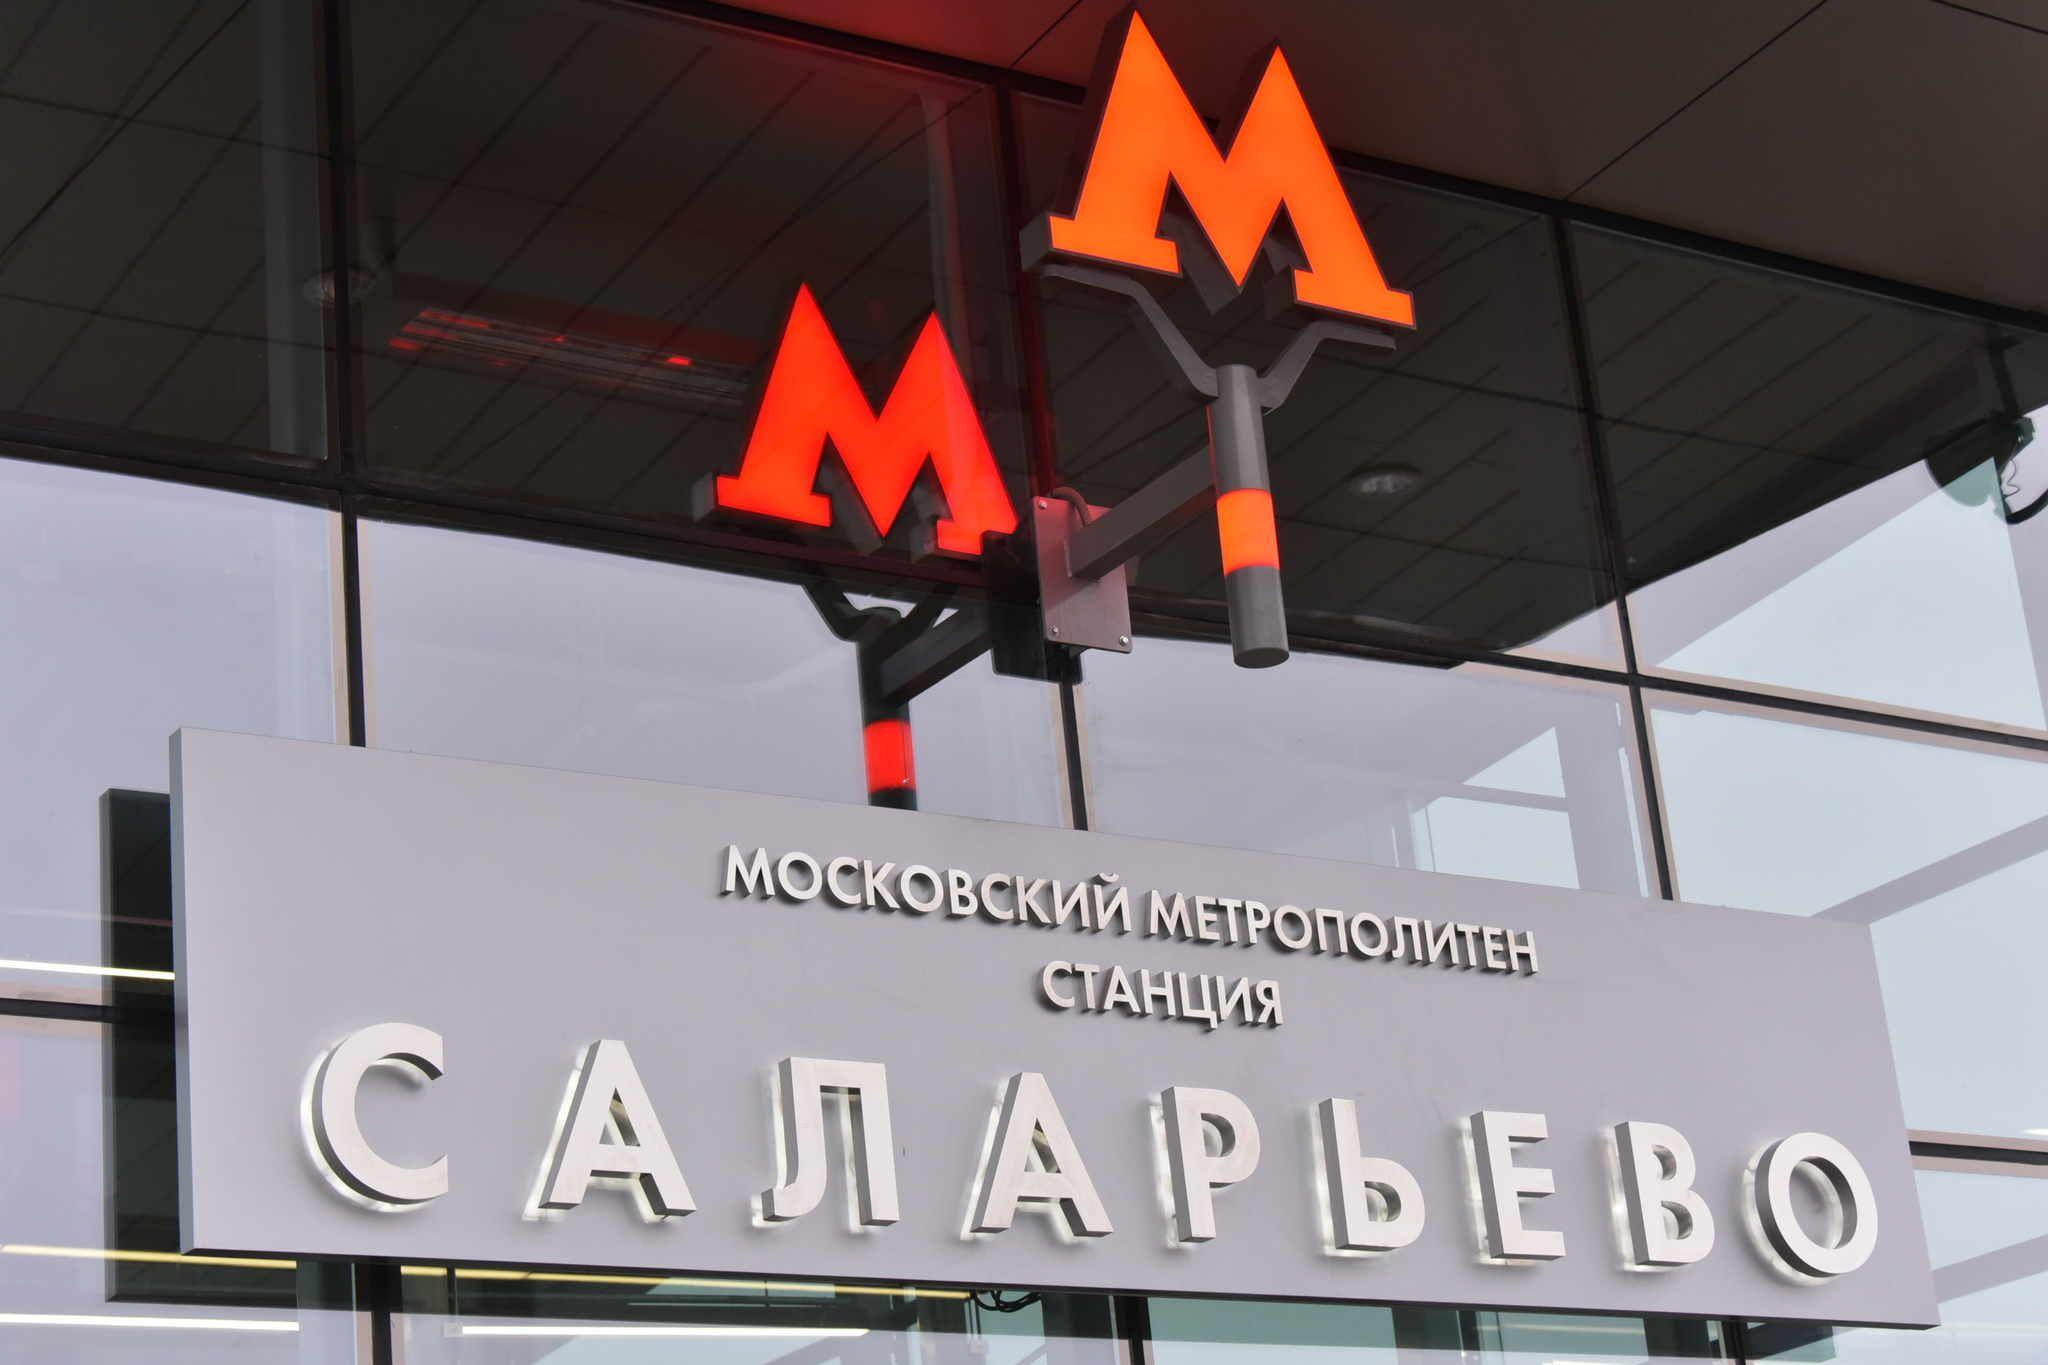 Метро Москвы разгрузило станцию «Саларьево» благодаря новому участку красной линии